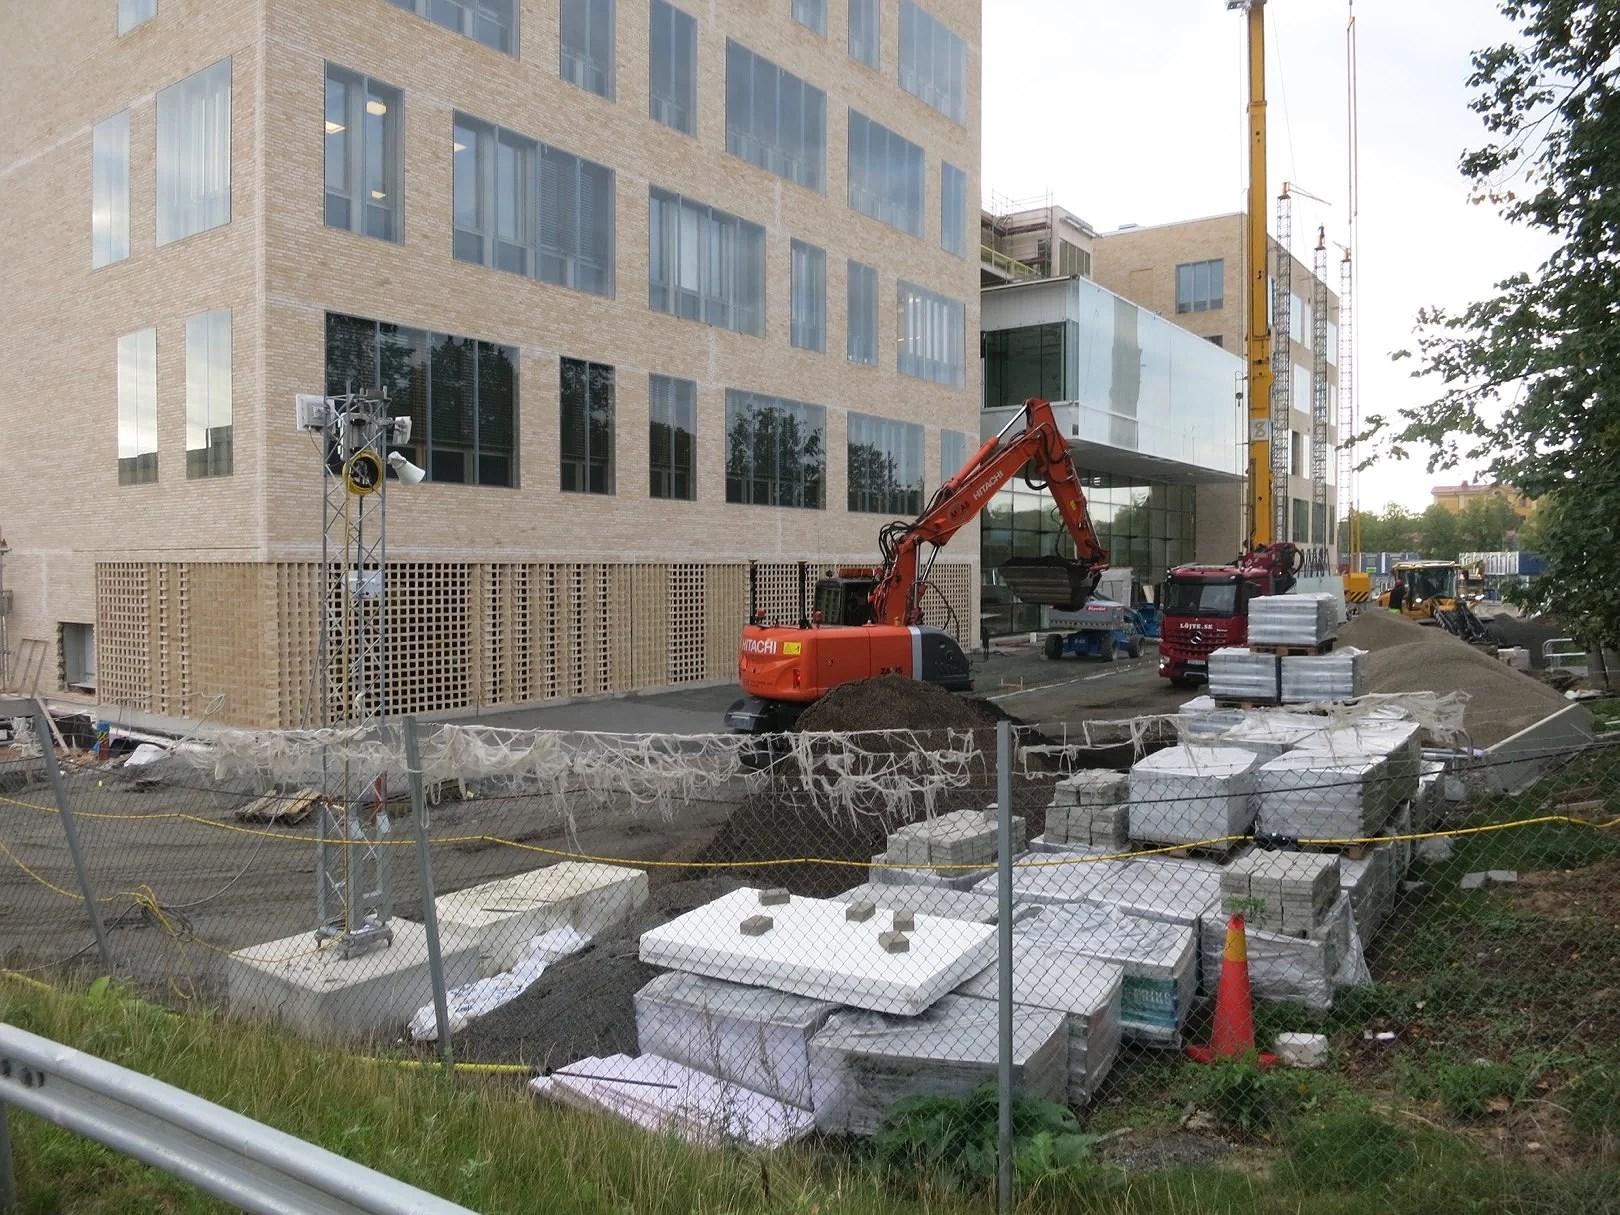 En Byggarbetsplats